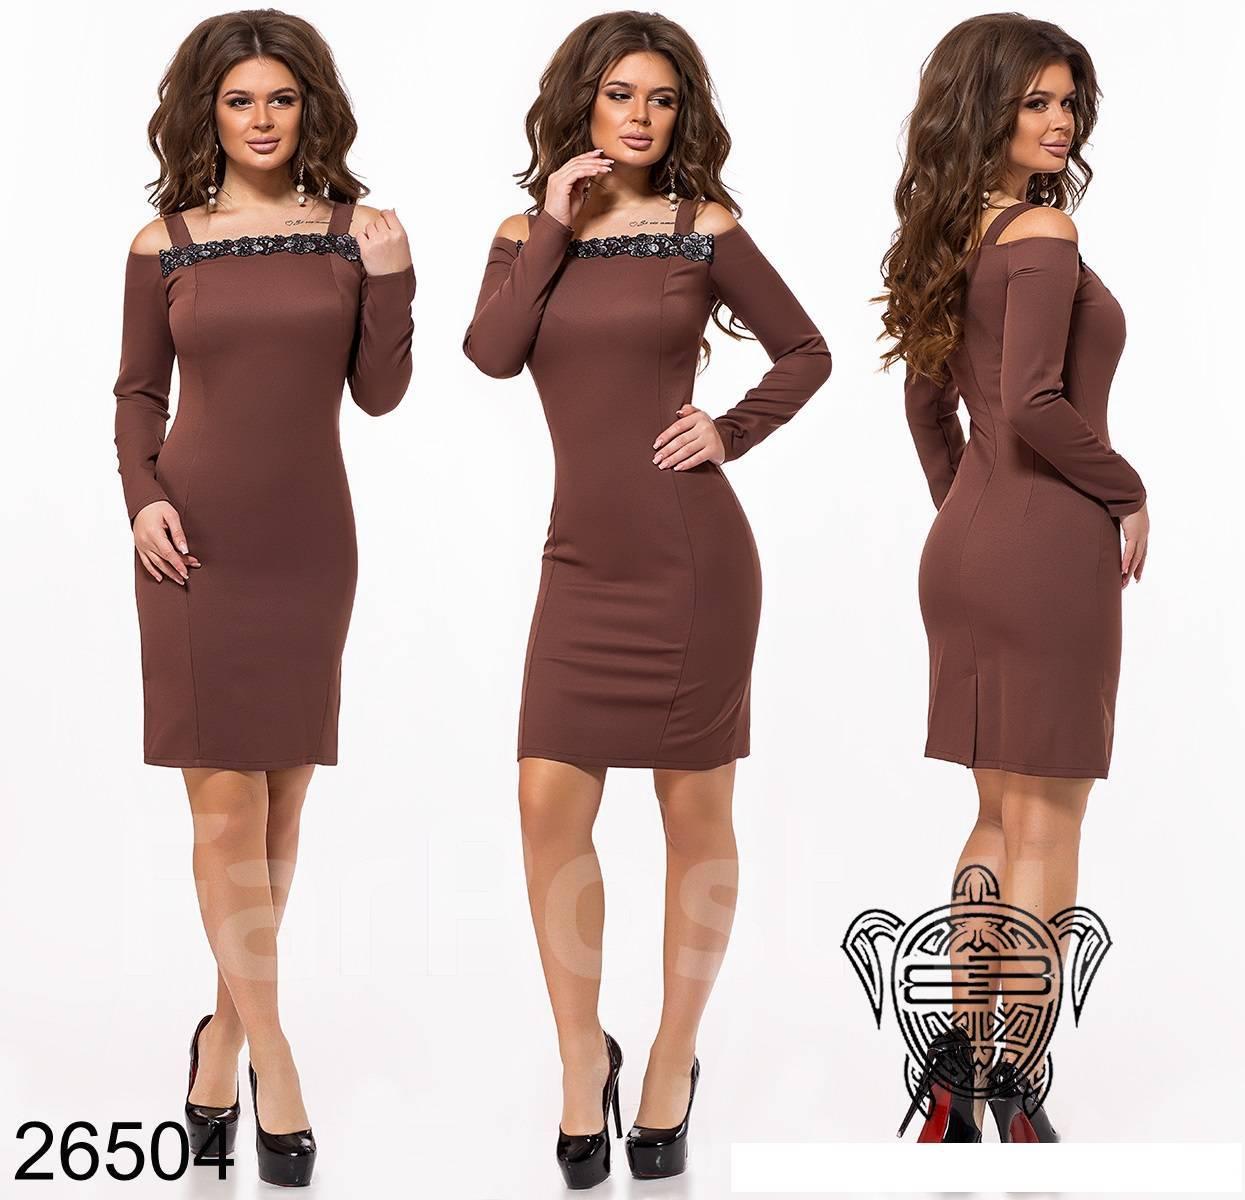 47567af4861 Купить женские платья вечерние во Владивостоке! Цены. Сезон - Демисезон.